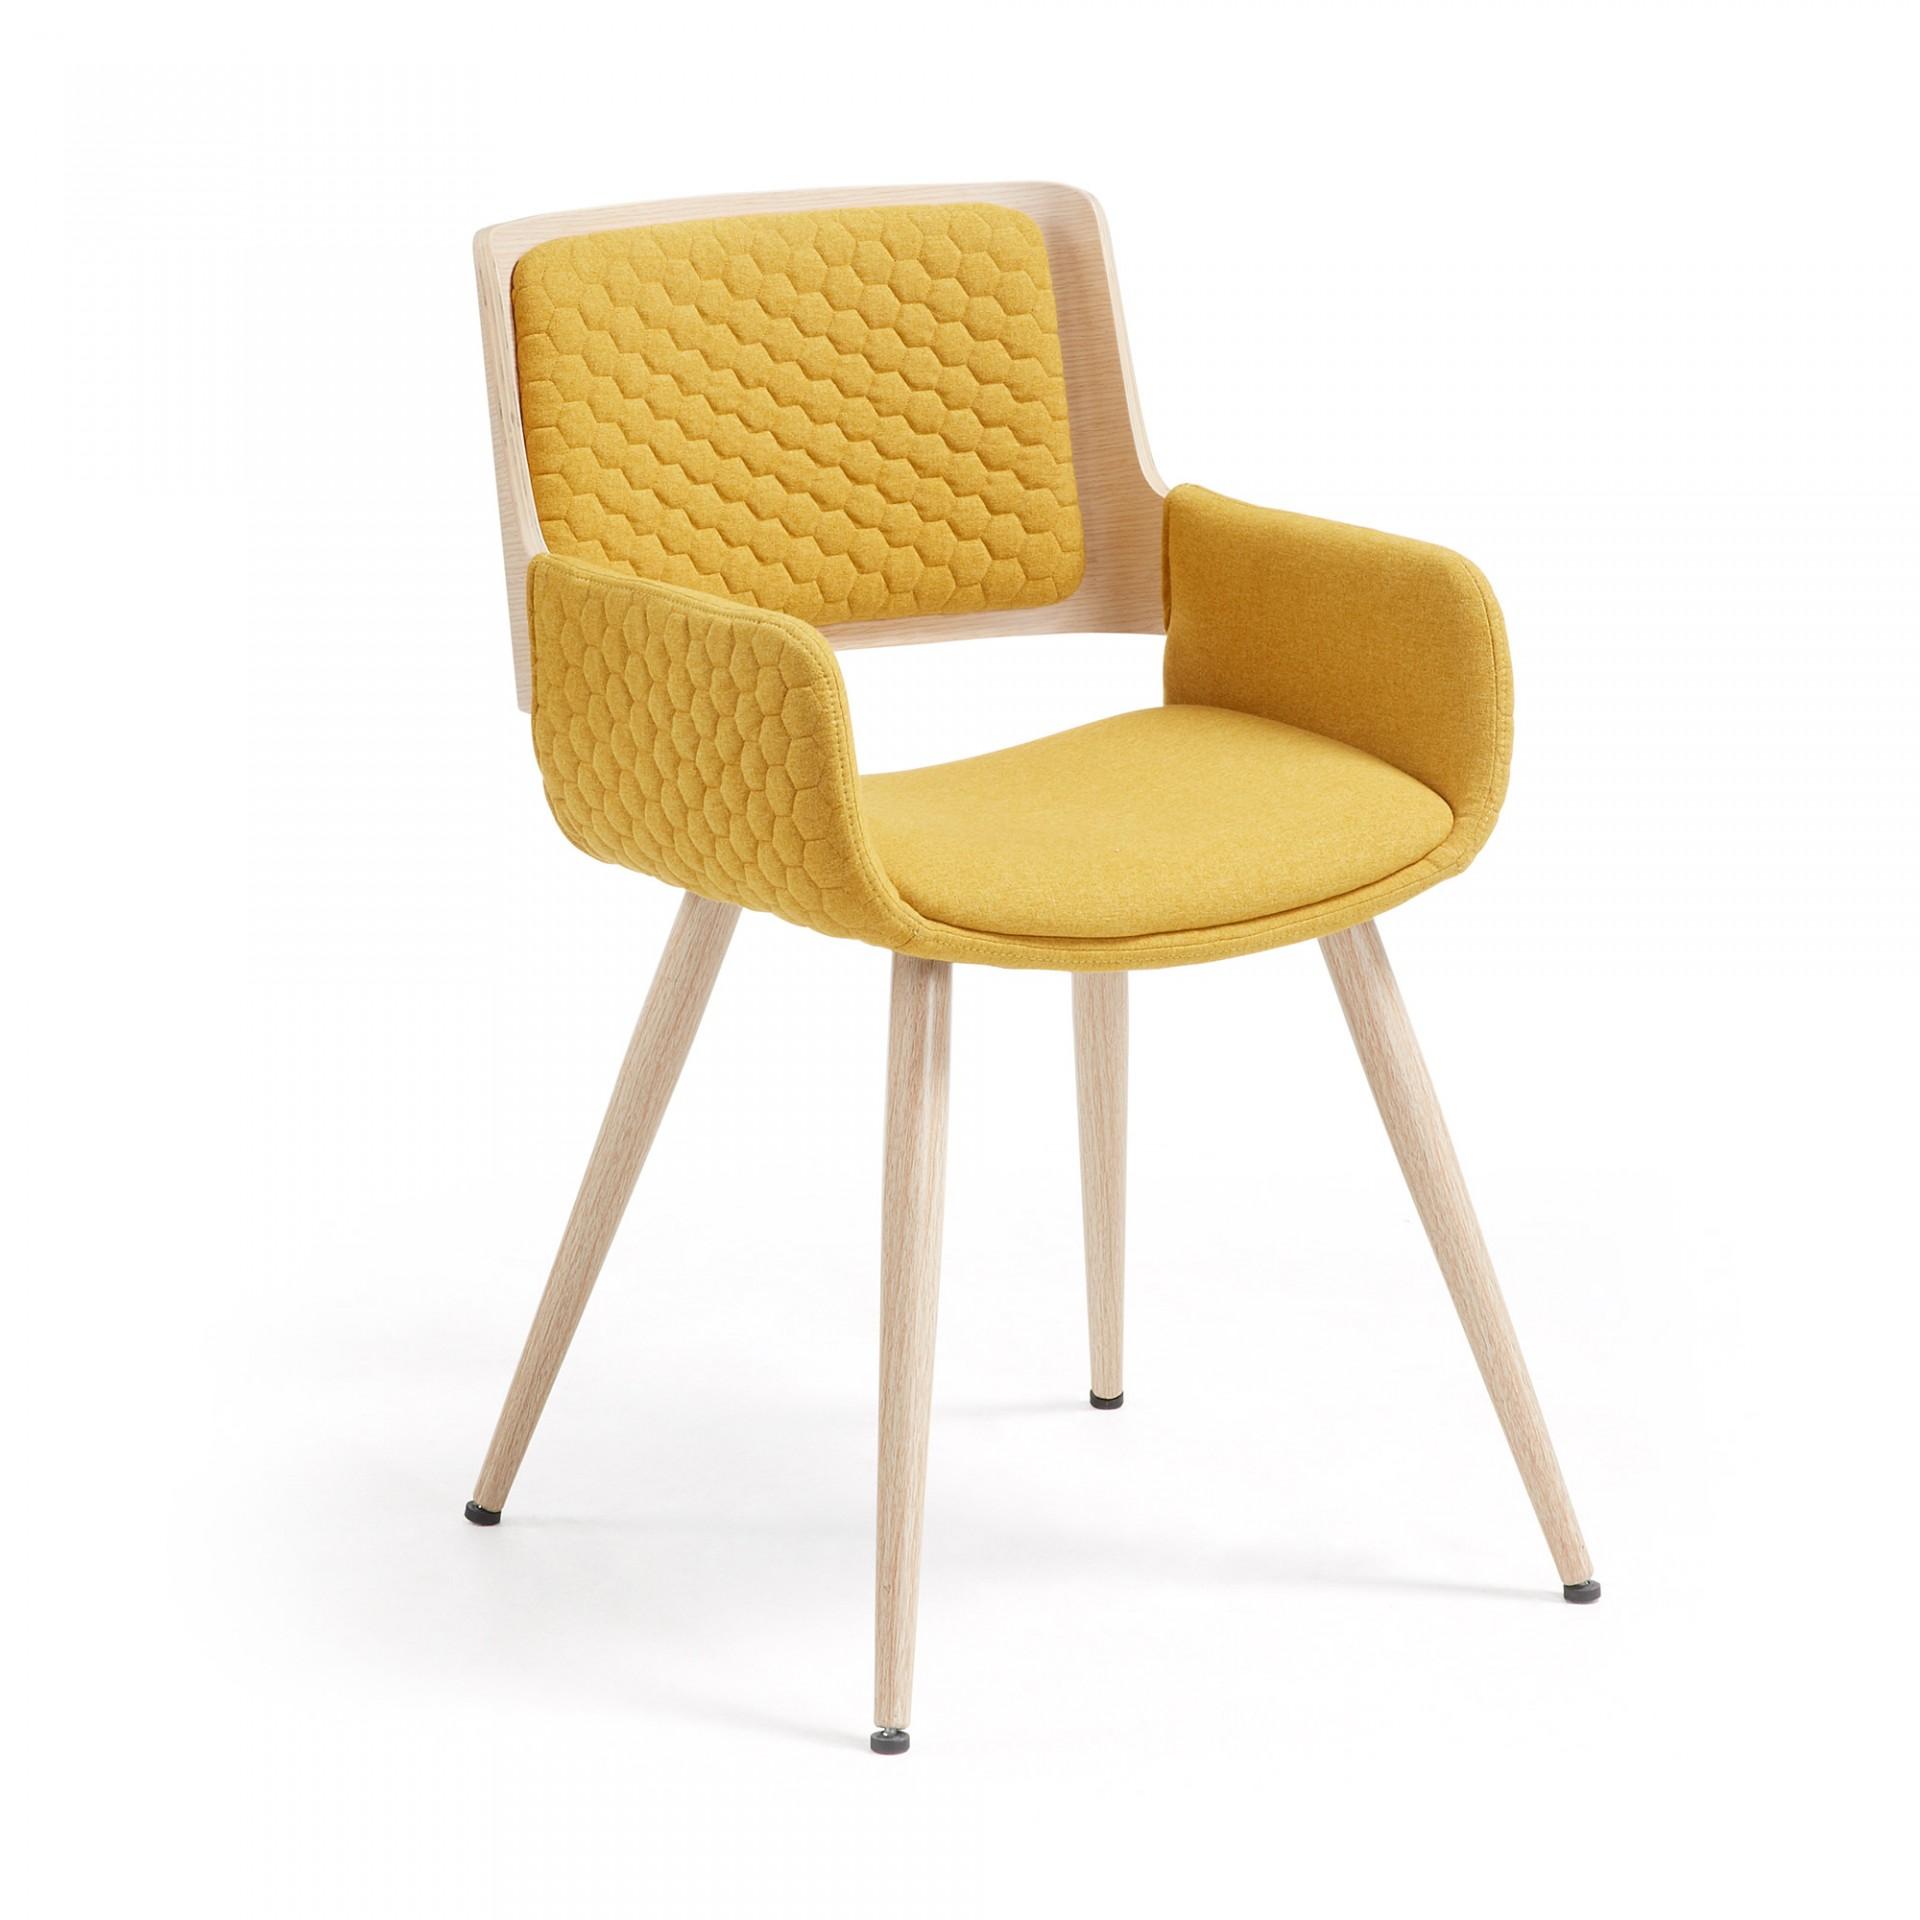 Cadeira estofada, madeira de carvalho/metal